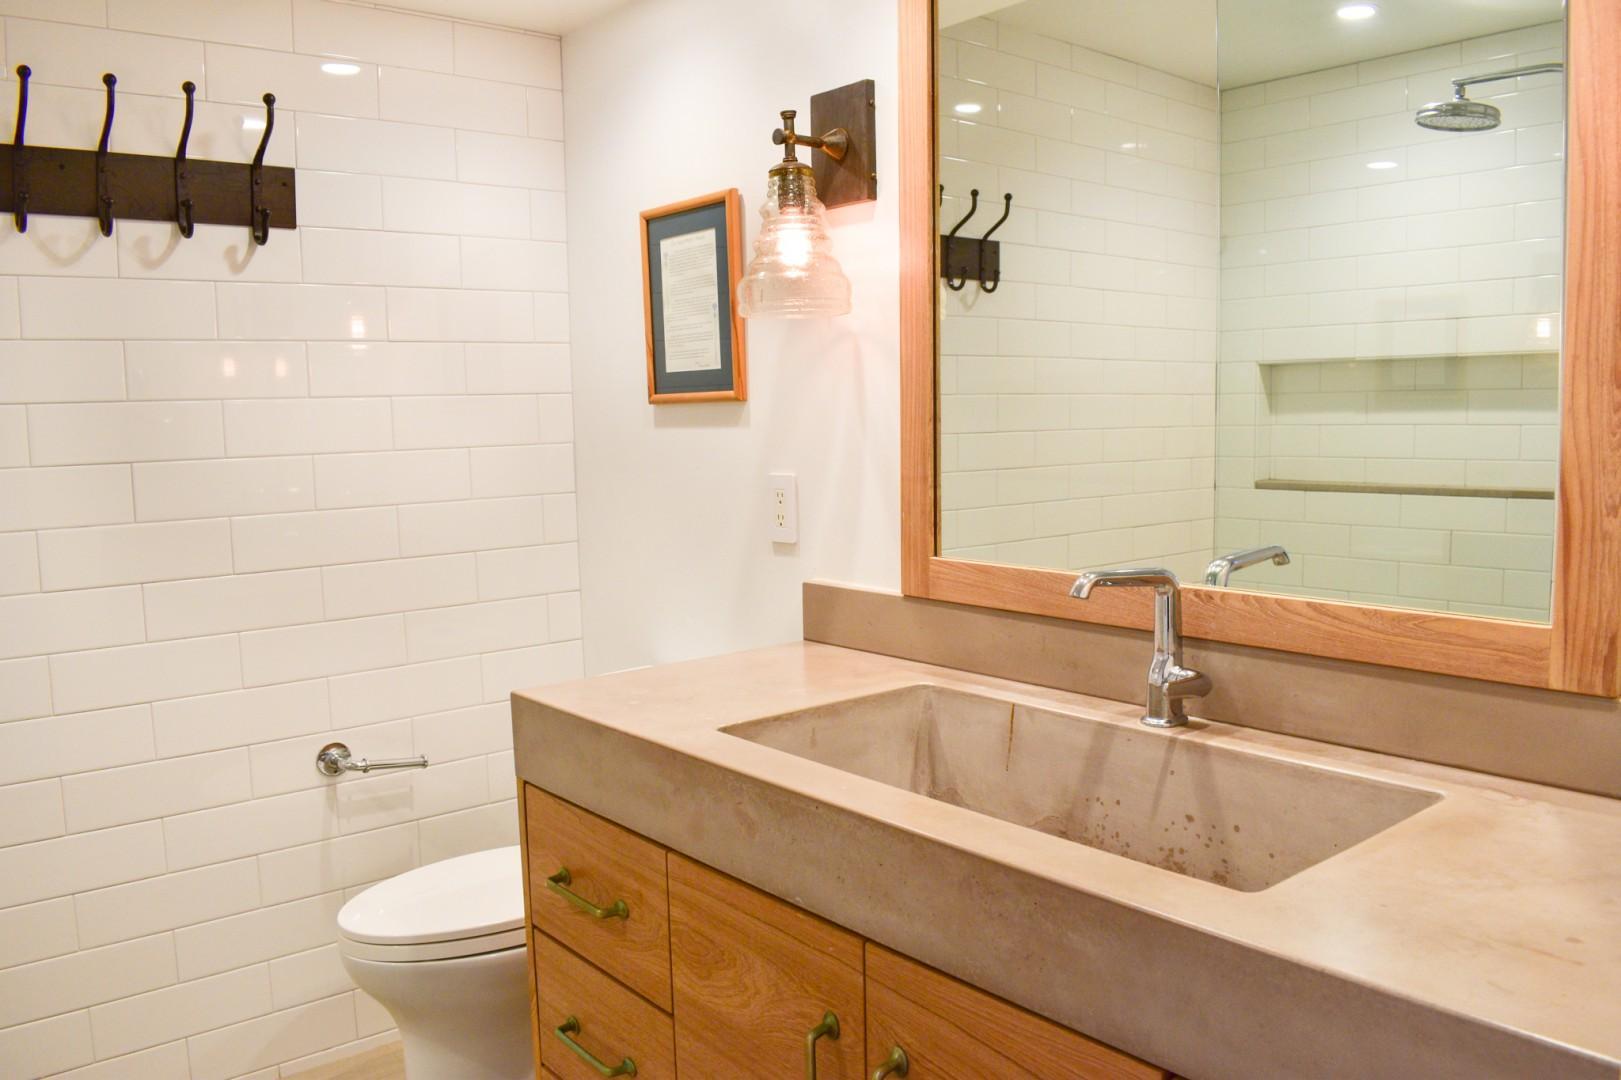 Main house shared bath